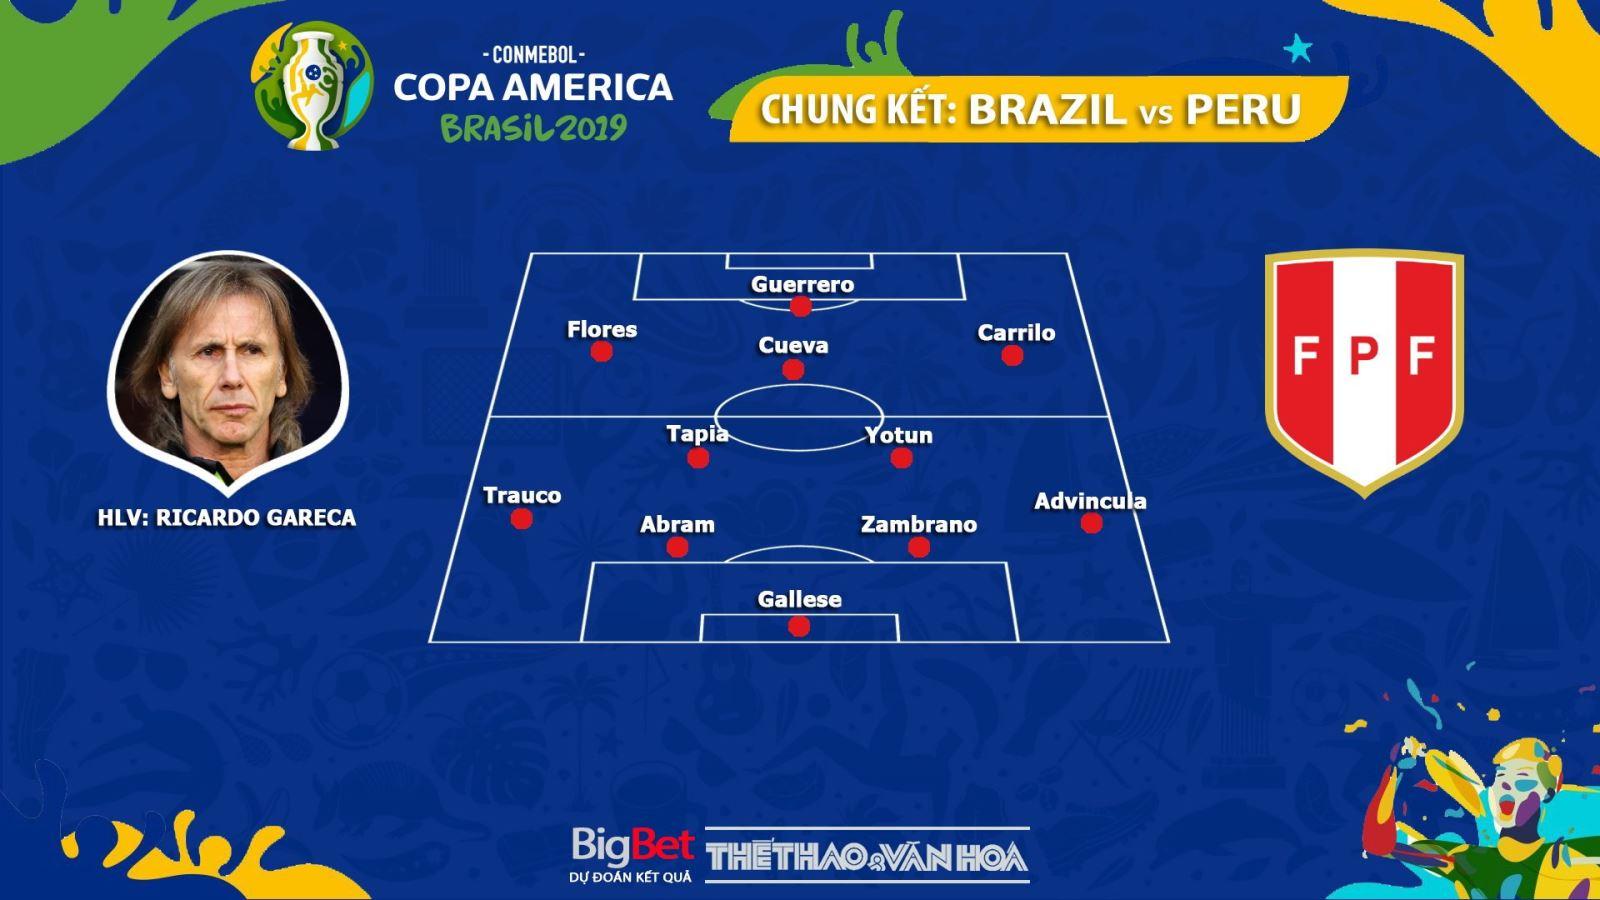 soi kèo Brazil vs Peru, trực tiếp bóng đá, Brazil đấu với Peru, kèo bóng đá, Brazil, truc tiep bong da, Copa America 2019, truc tiep bong da hôm nay, FPT Play